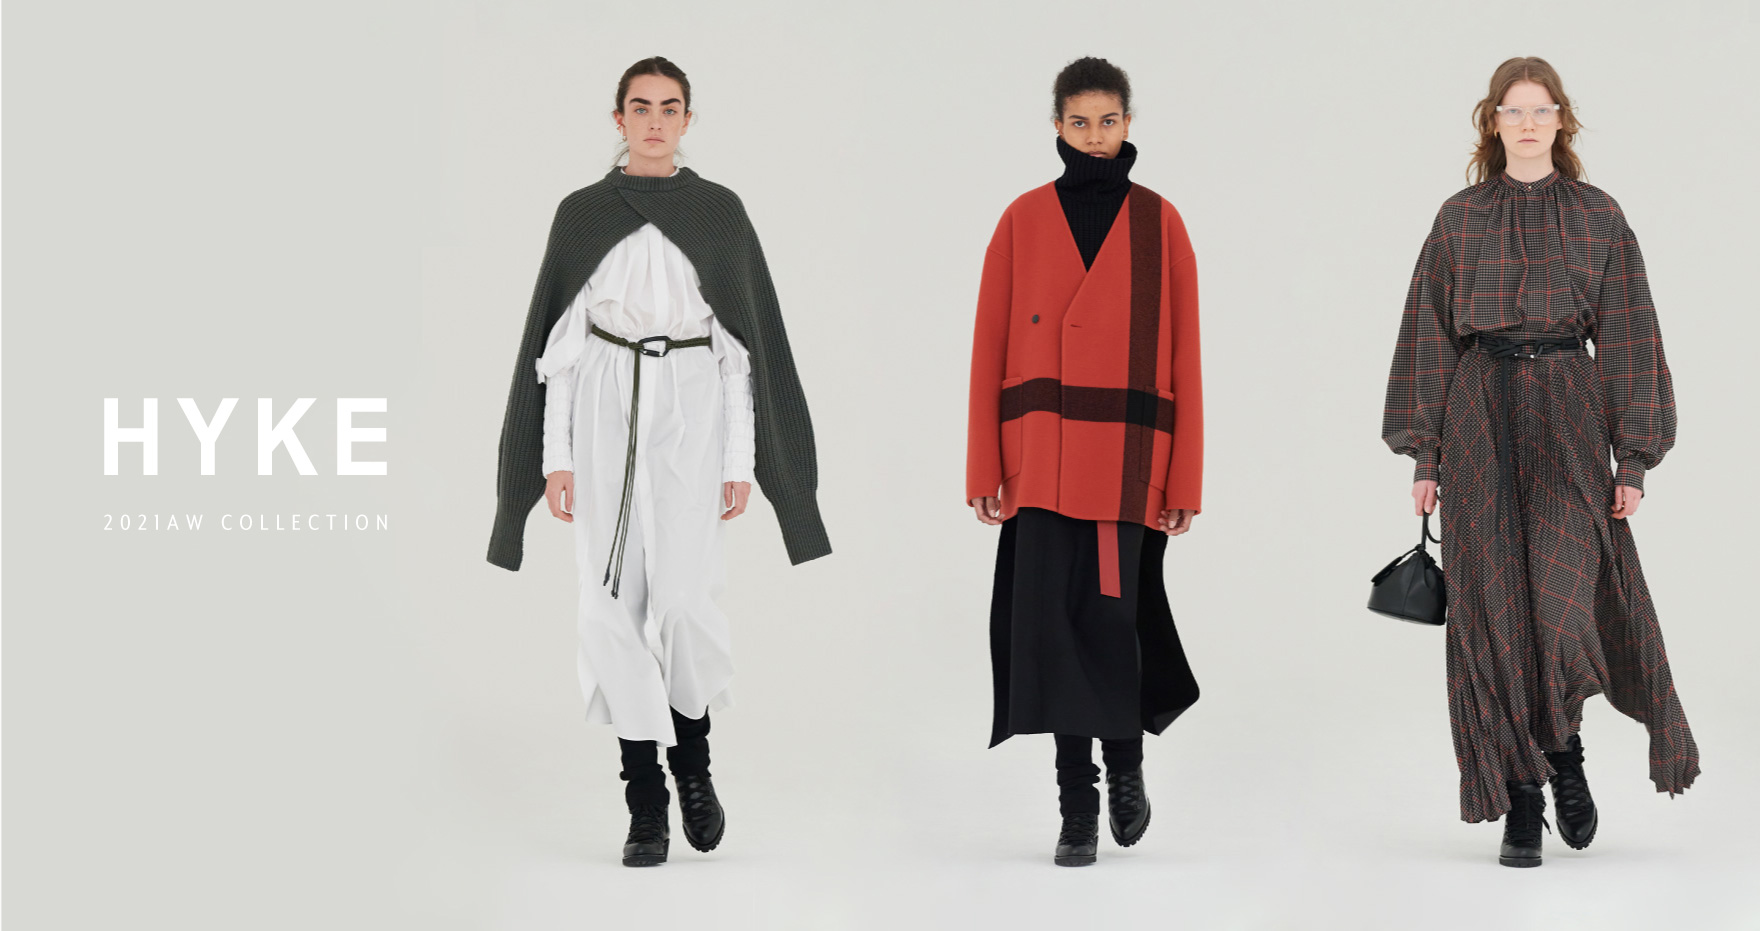 PARIGOT ONLINE > HYKE 2021 Collection